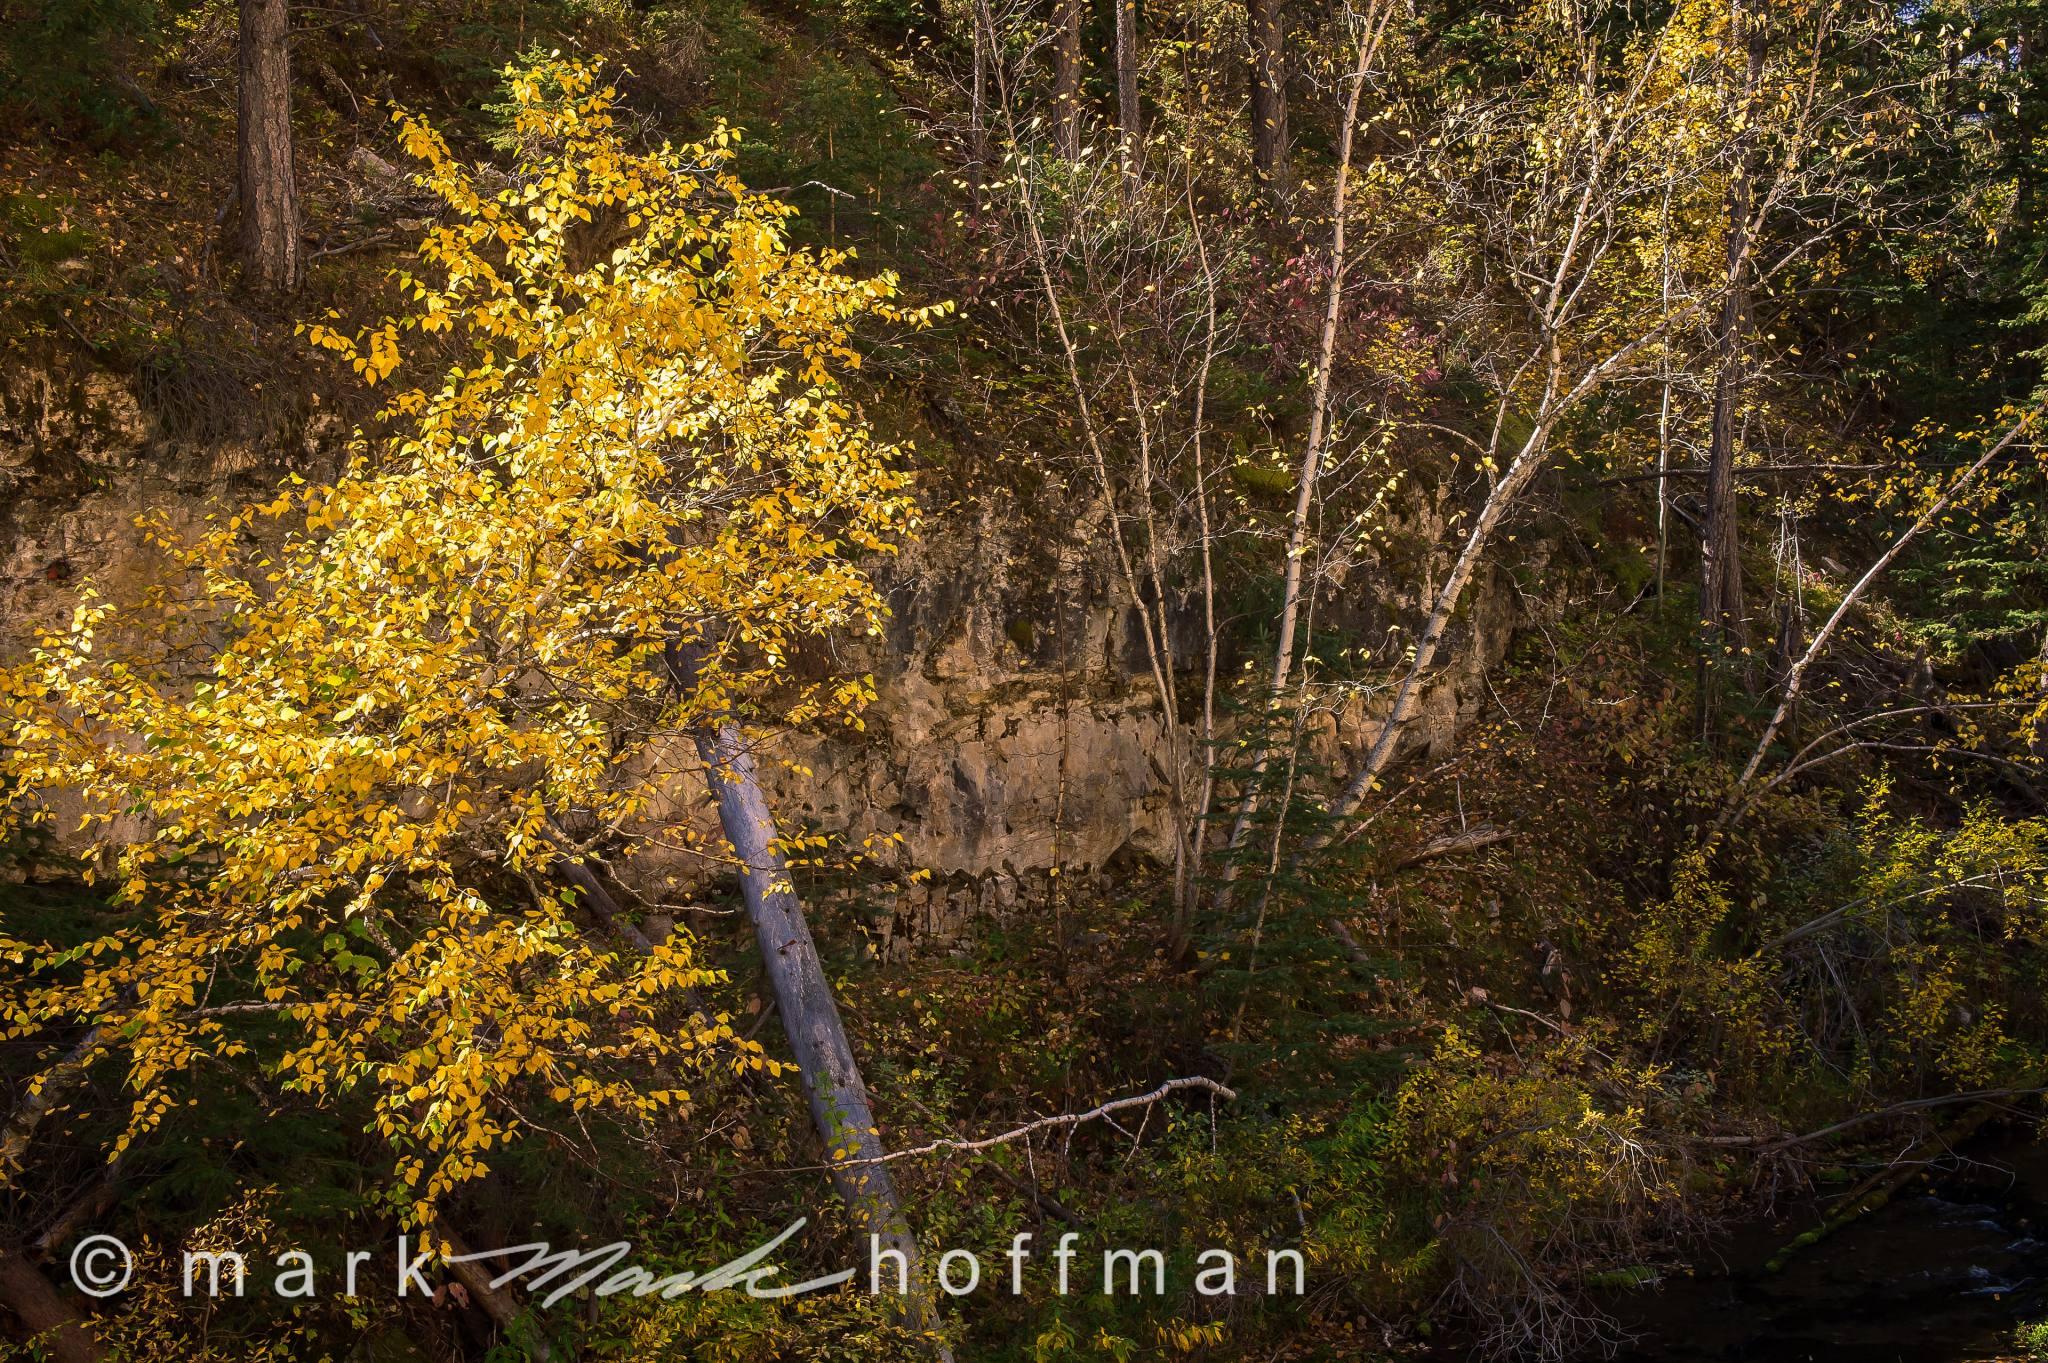 Mark_Hoffman_photophart_20150925_0119_PFX_cap1_var1.jpg